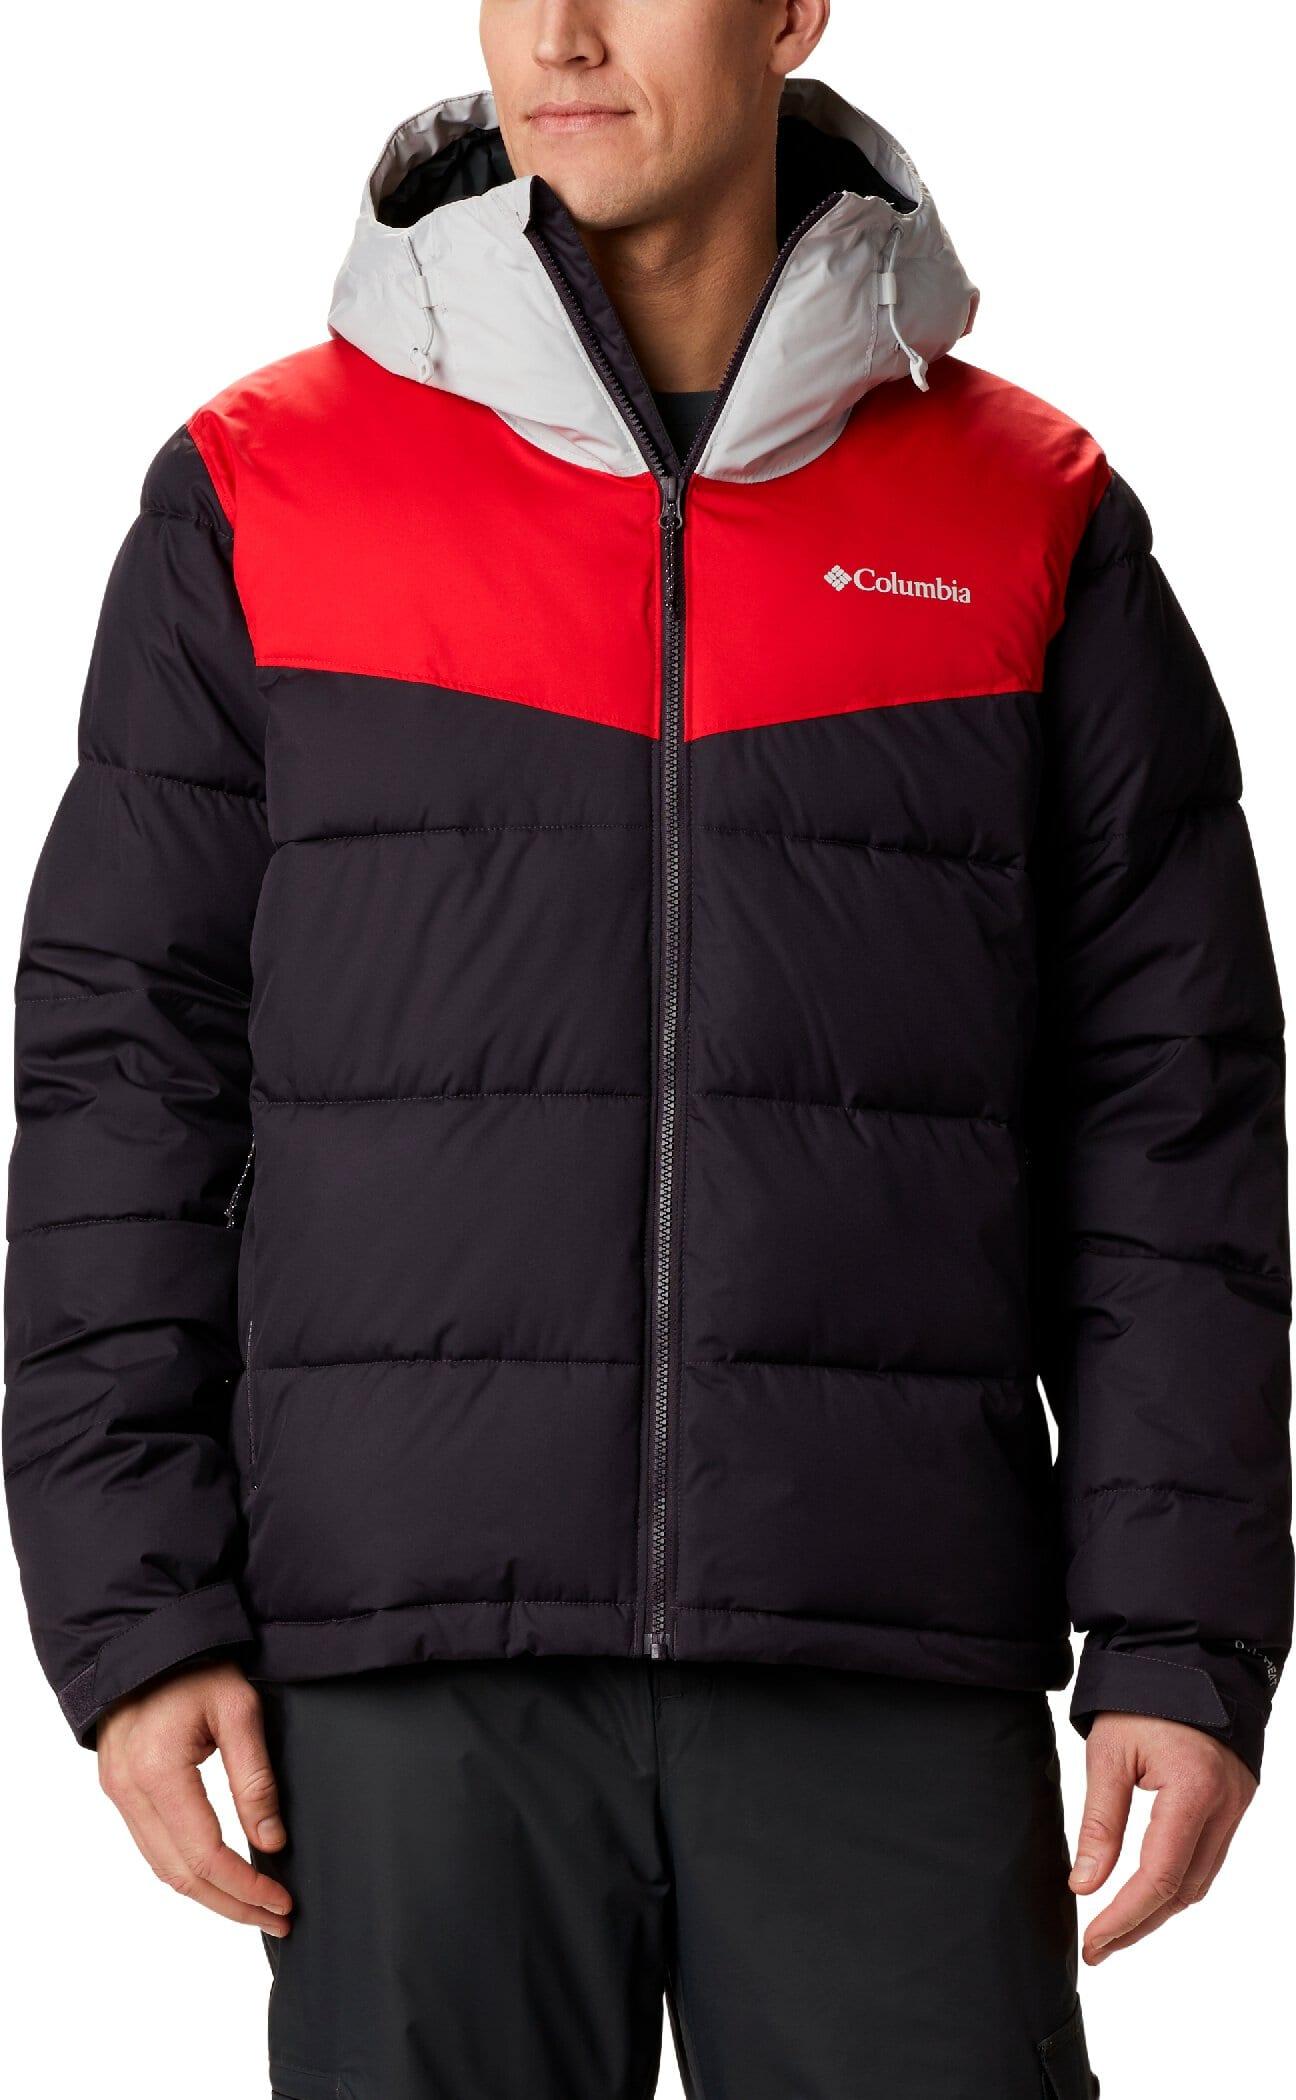 Columbia Iceline Ridge Jacket Veste de ski pour homme